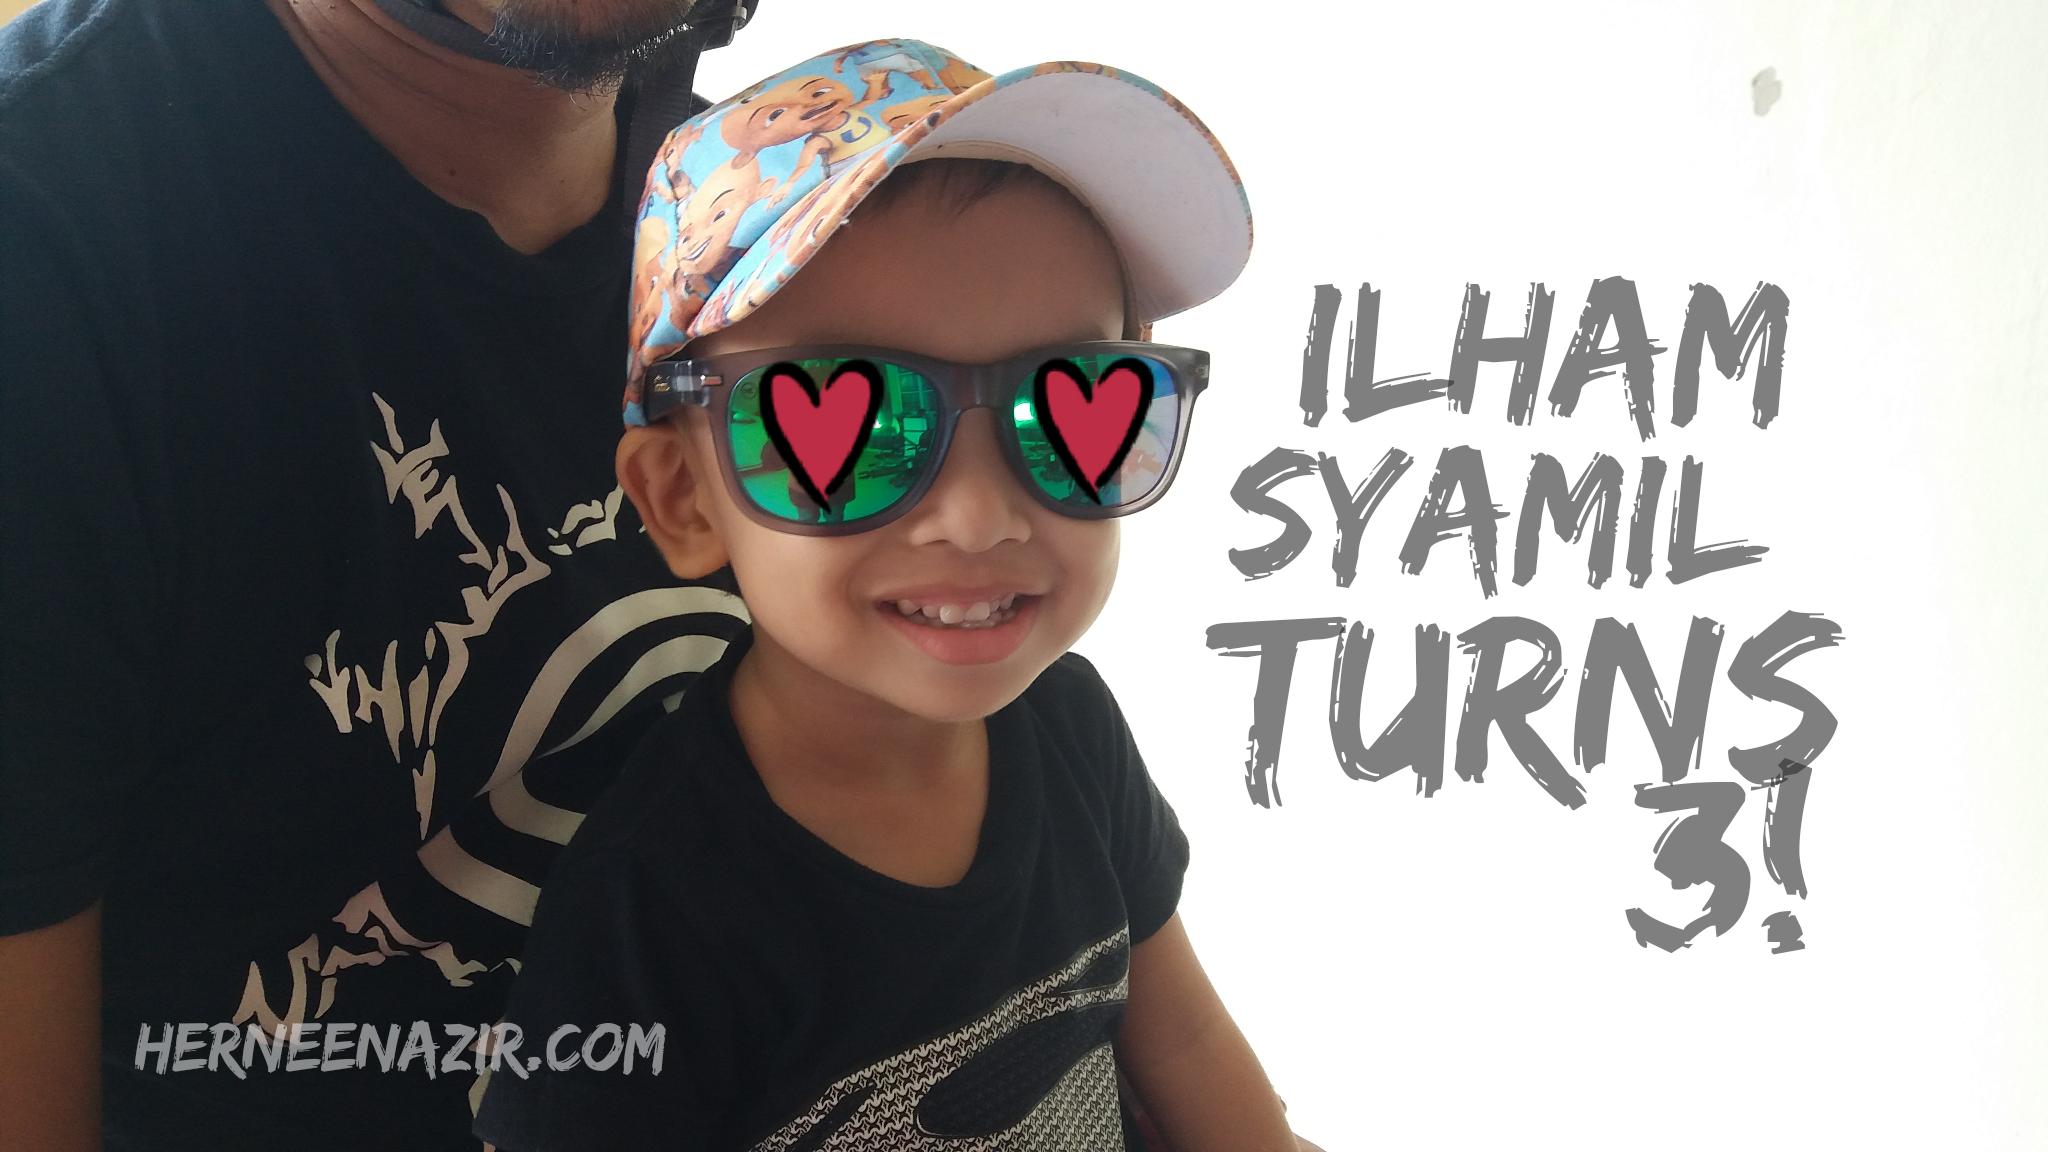 27 Jan 2018 | Ilham Syamil Turns 3!